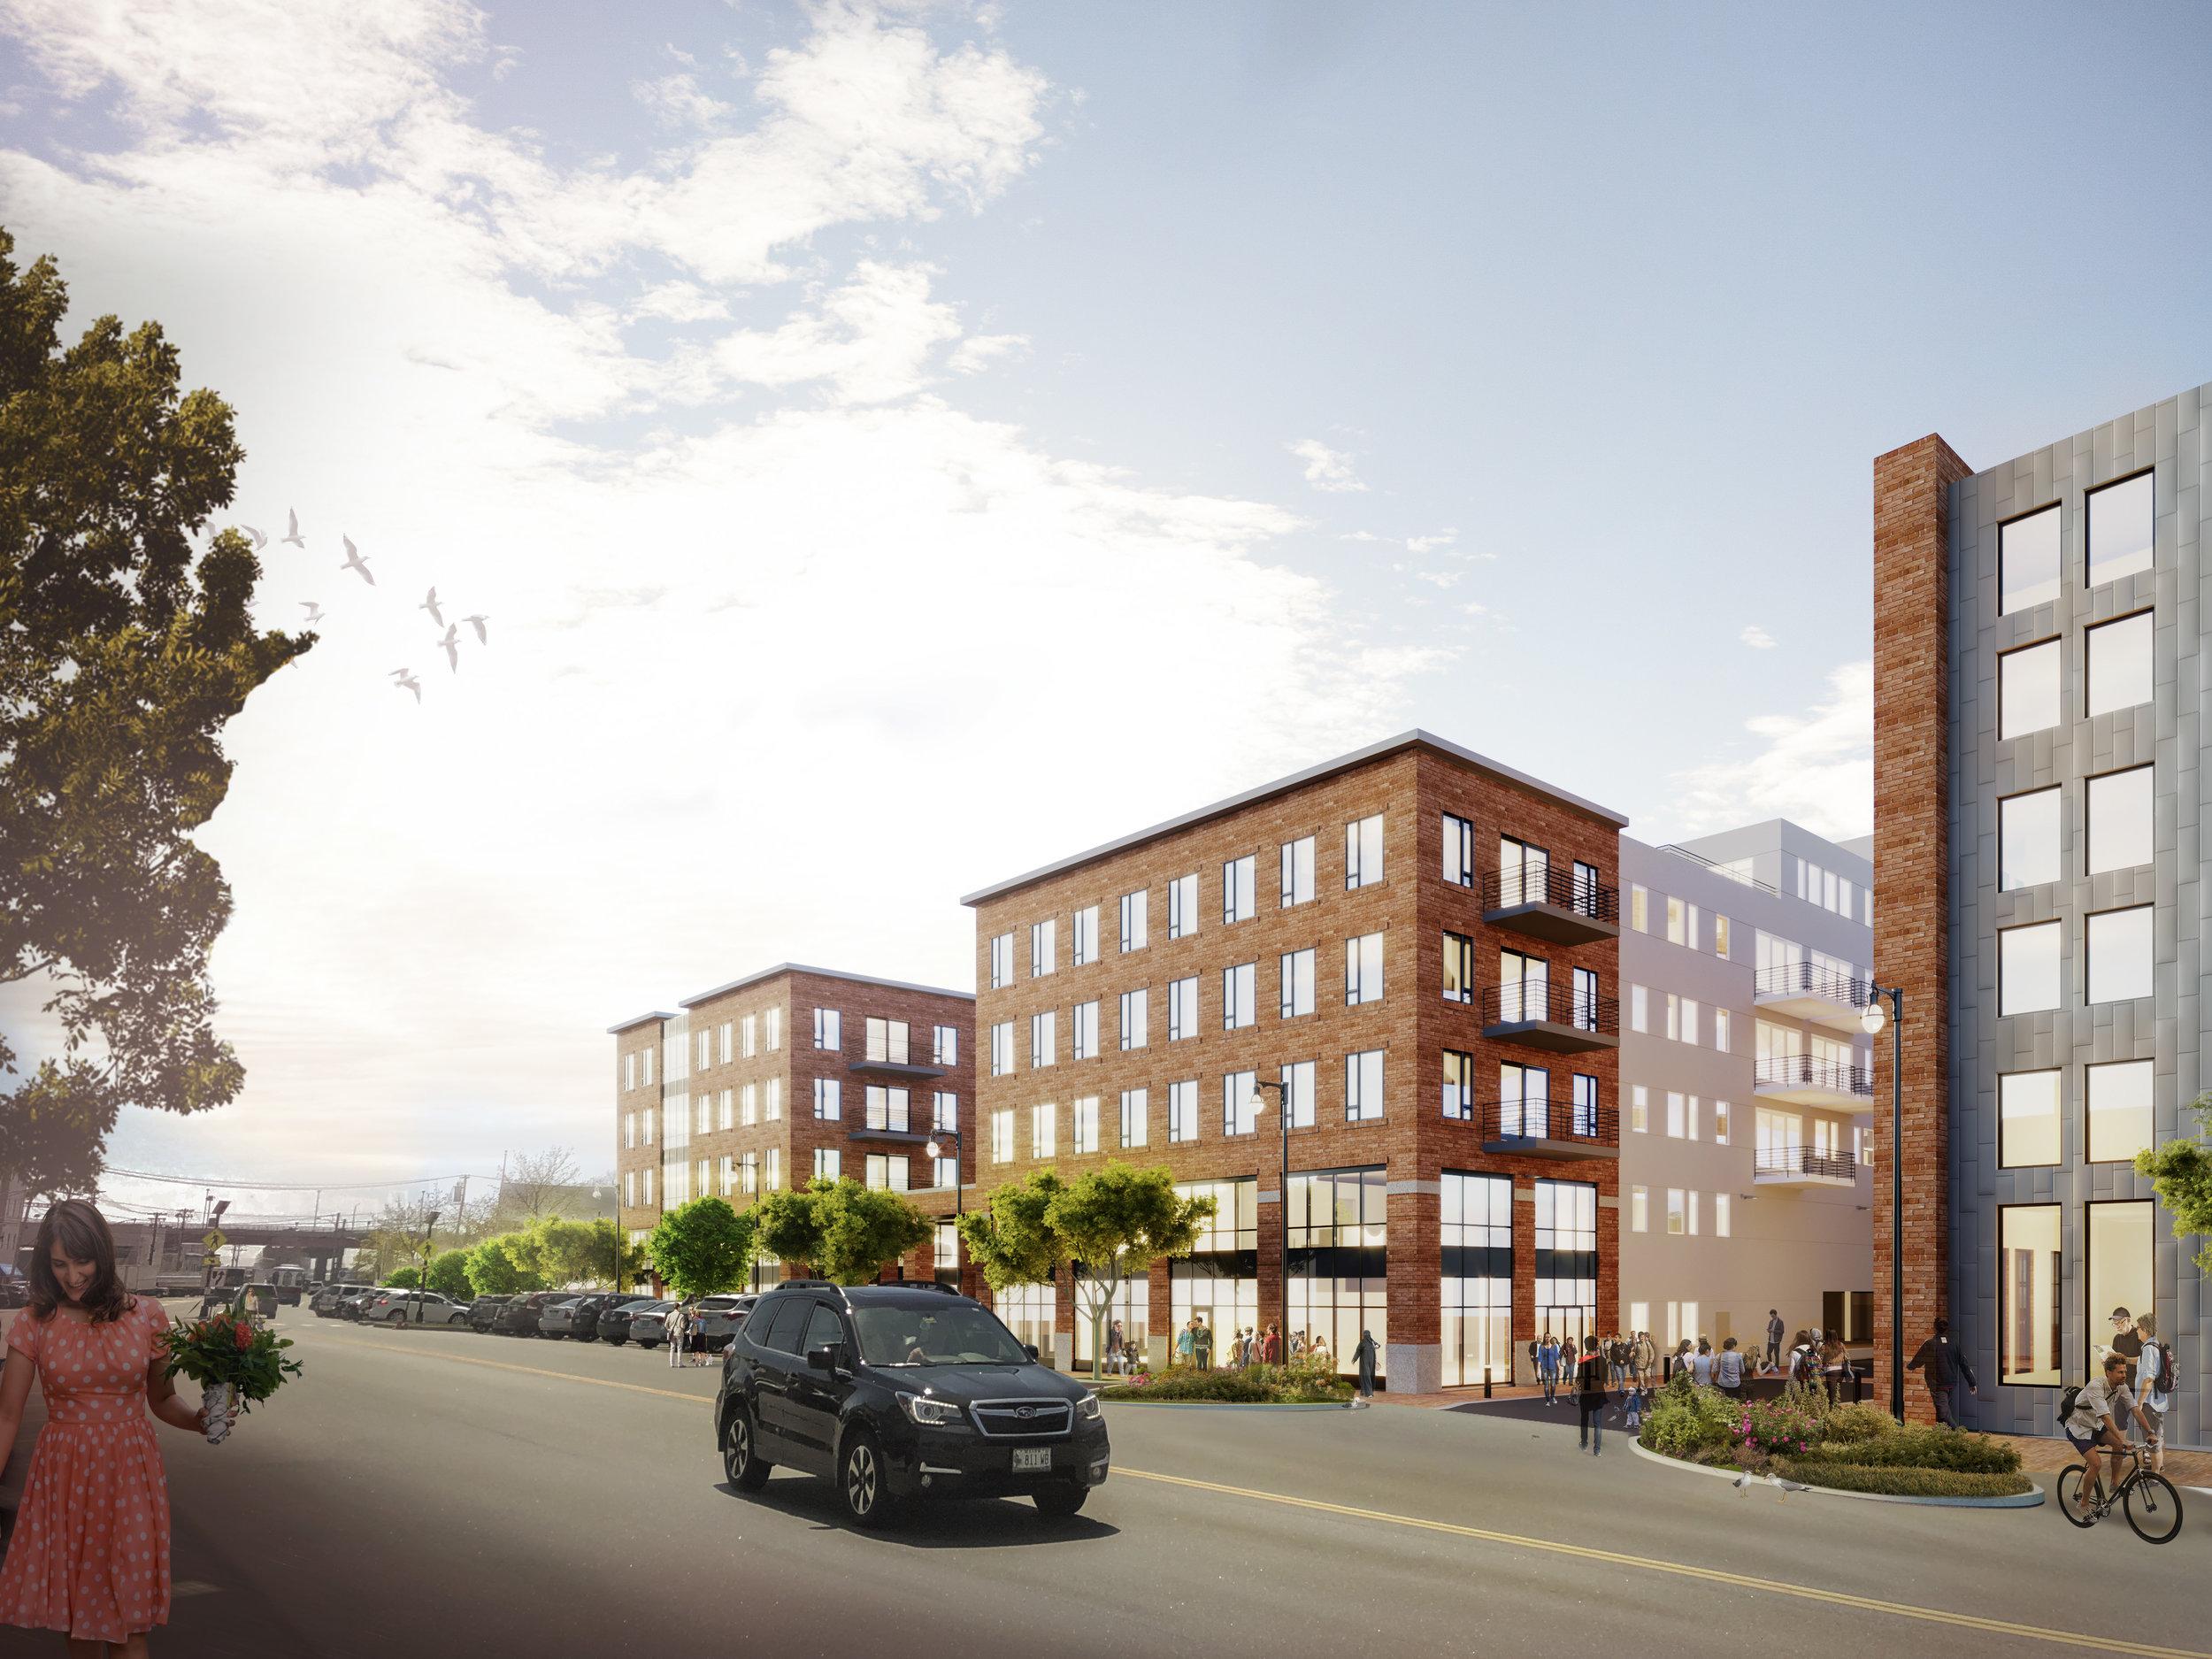 Commercial Street New.jpg